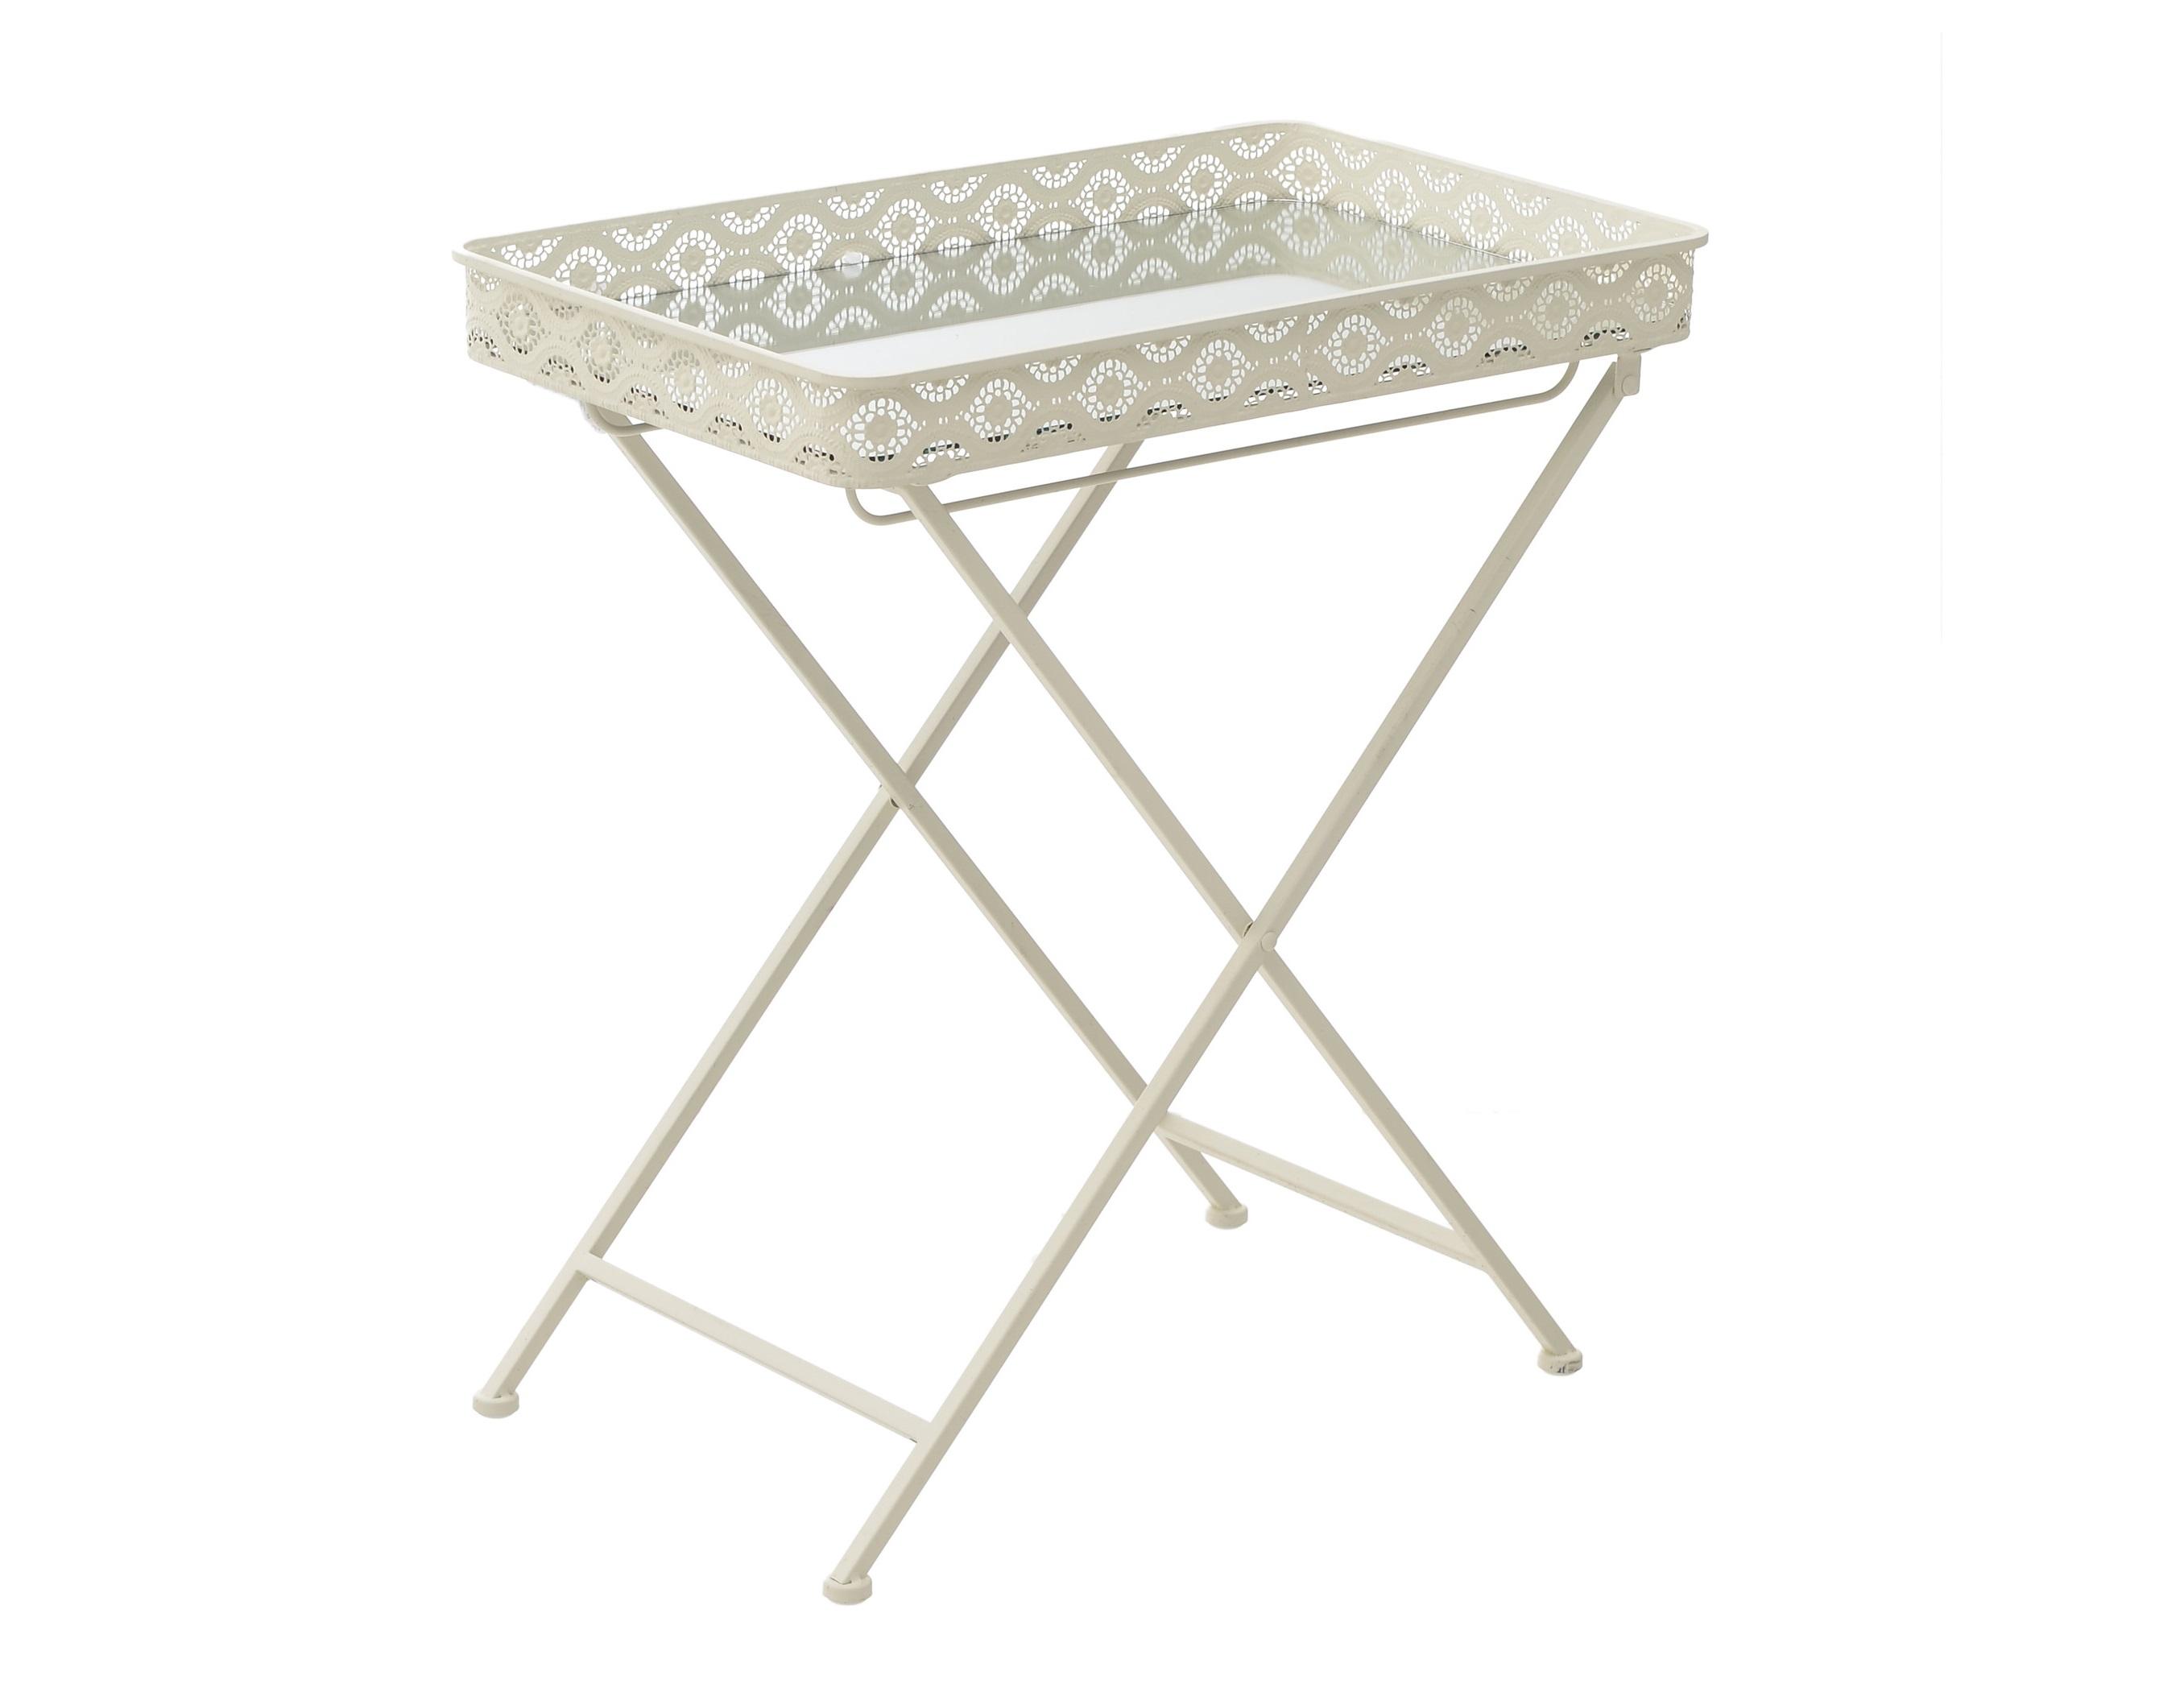 Сервировочный столик To4rooms 15441588 от thefurnish